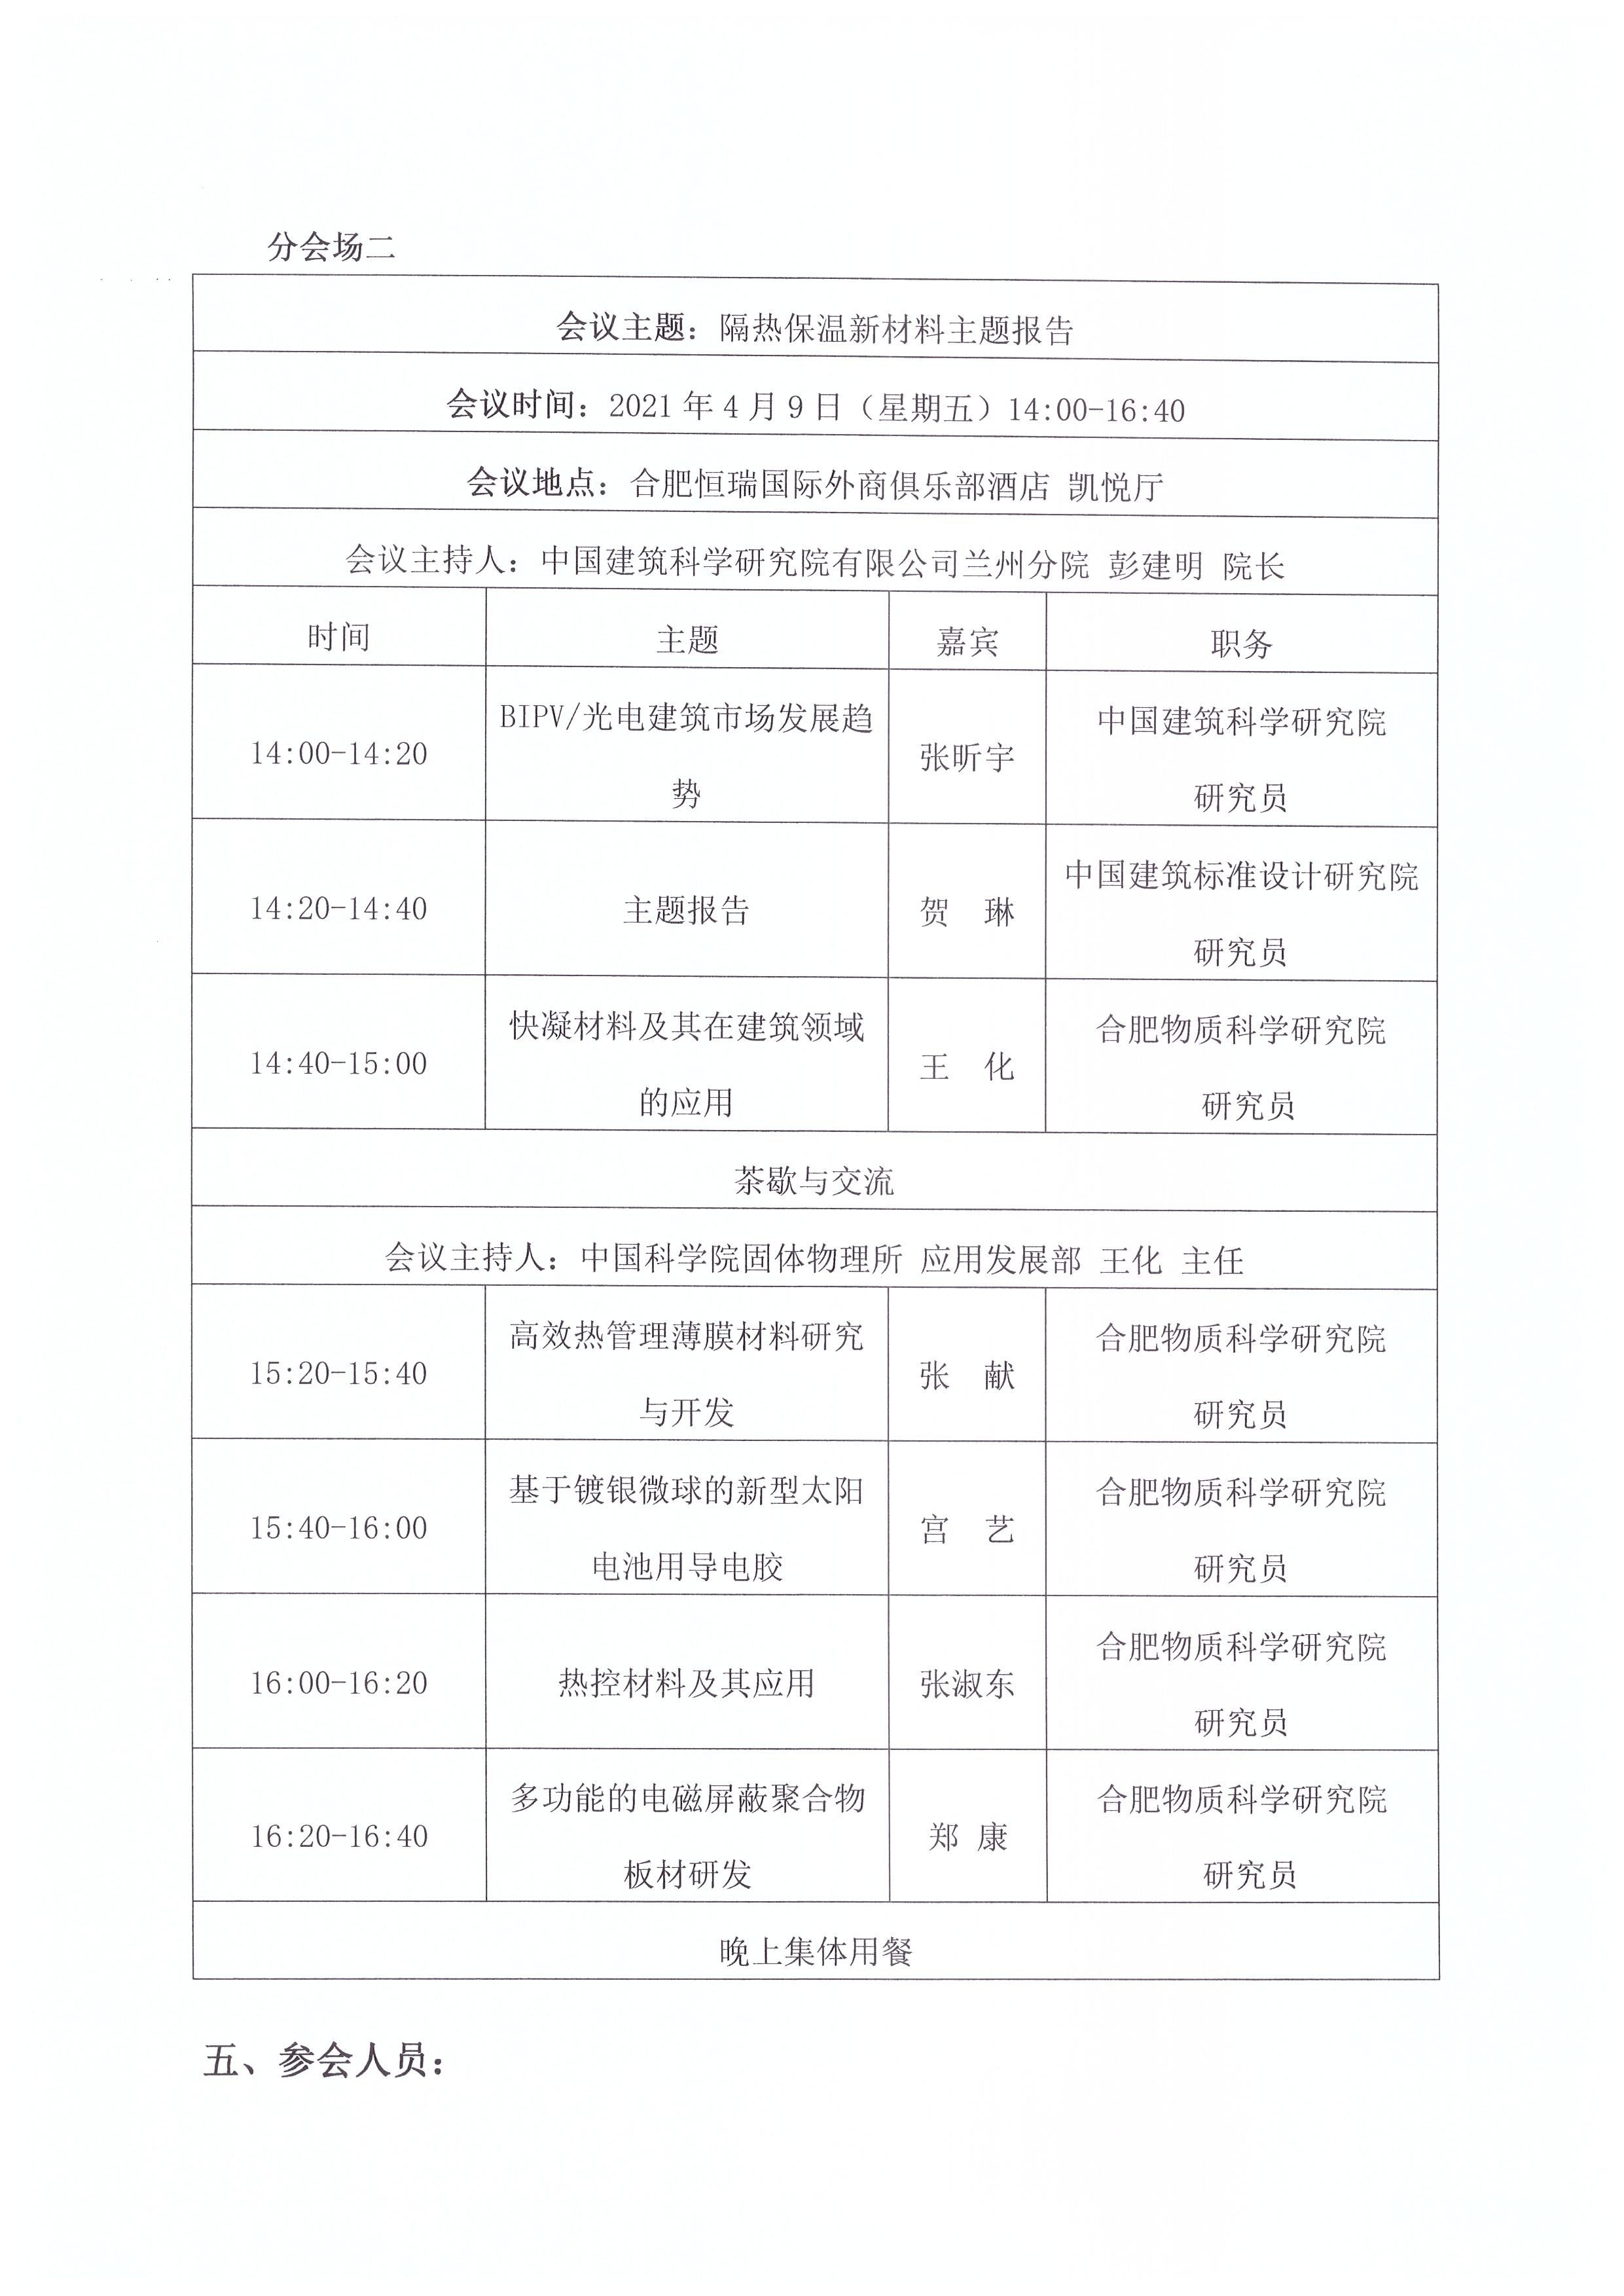 【0401】2021光伏建筑一体化论坛第二轮.pdf_页面_5.jpg